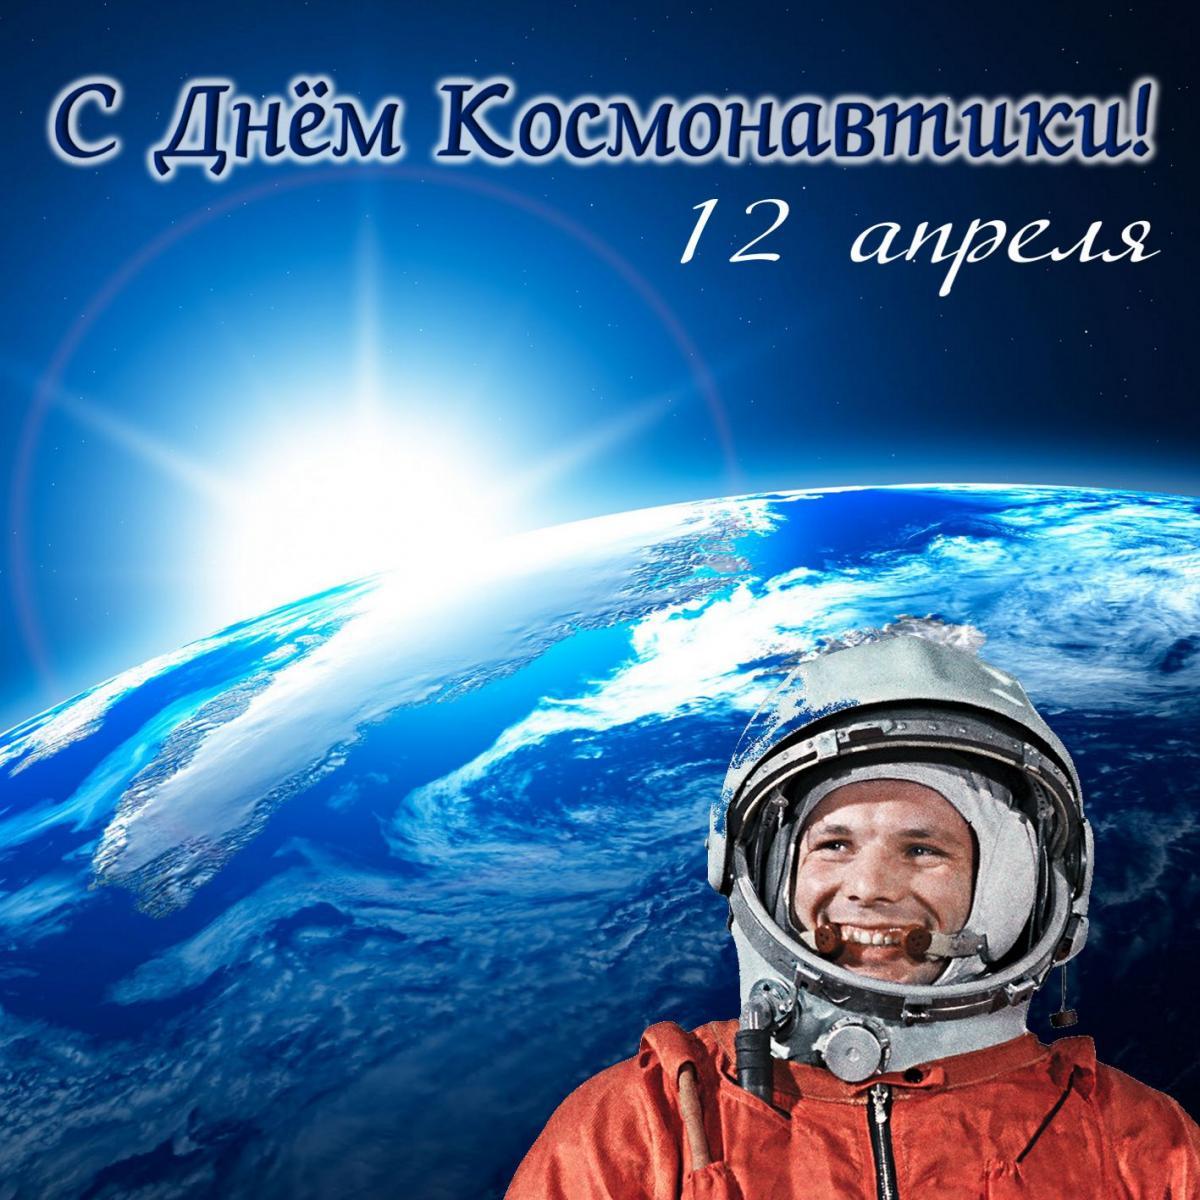 Открытки с днем космонавтики 2021 /фото bonnycards.com